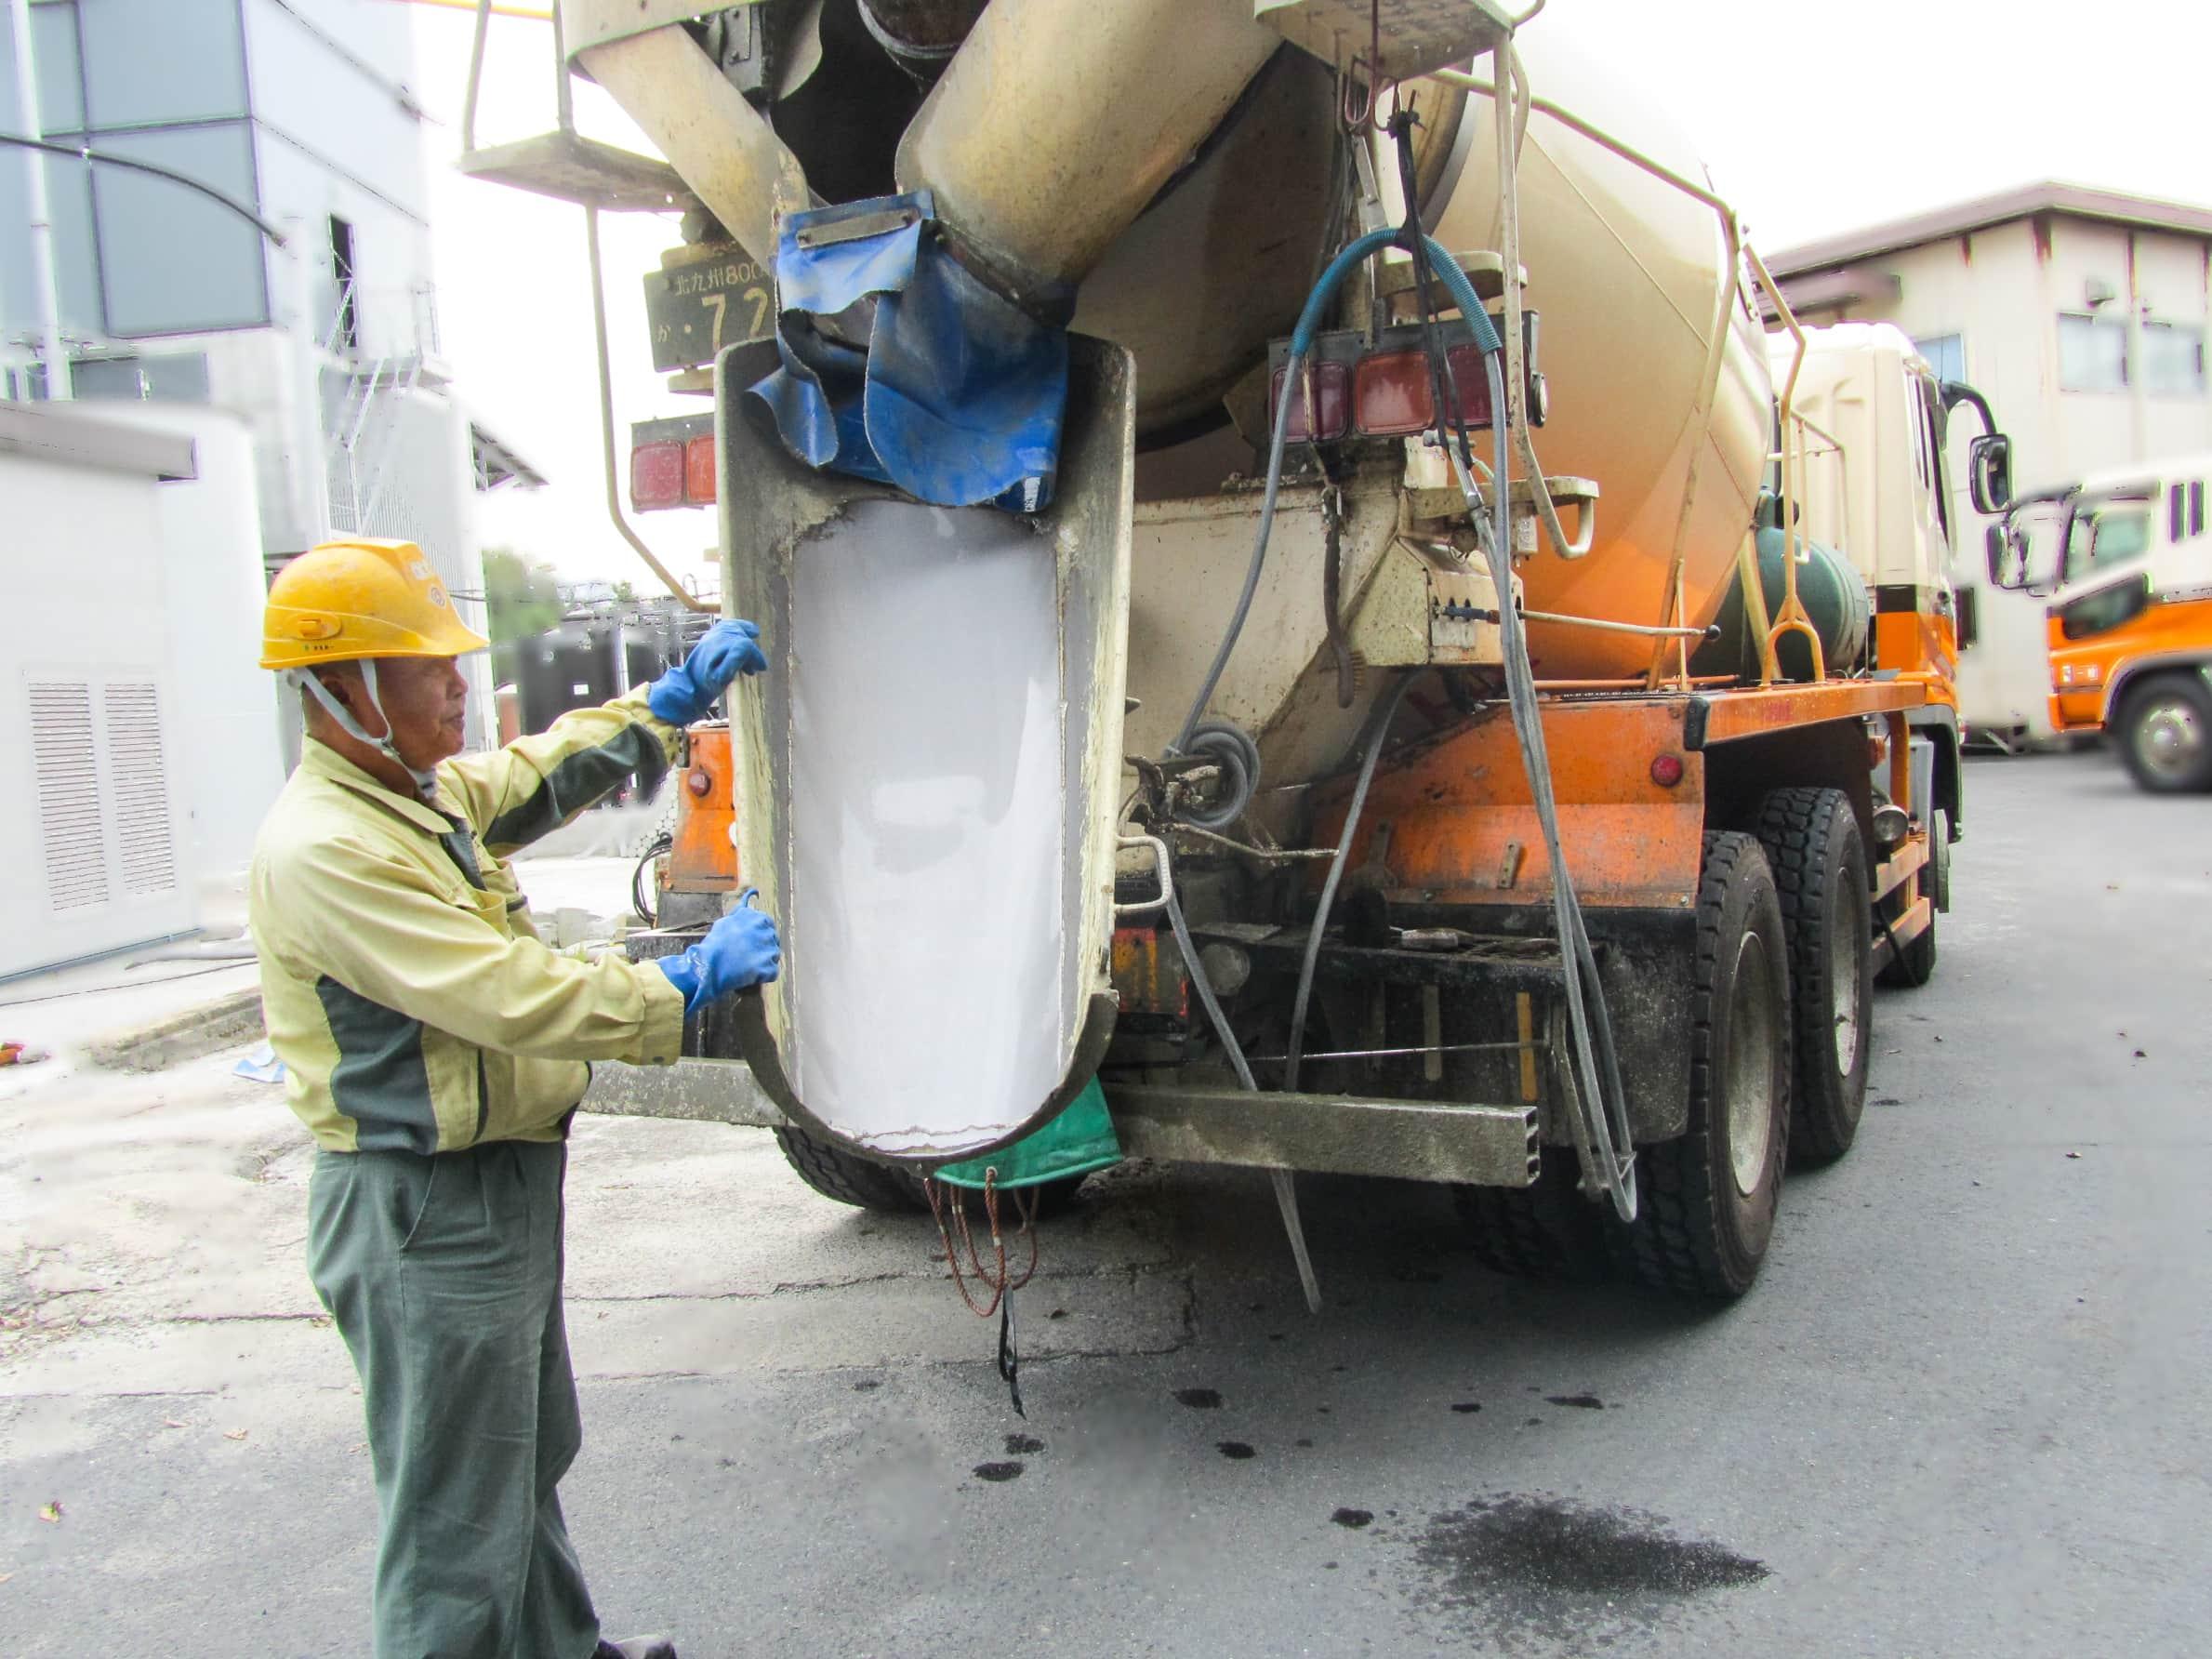 北九州市内および周辺の生コン配送が主業務。ミキサー車運転手 採用情報 九州運輸建設株式会社 北九州市